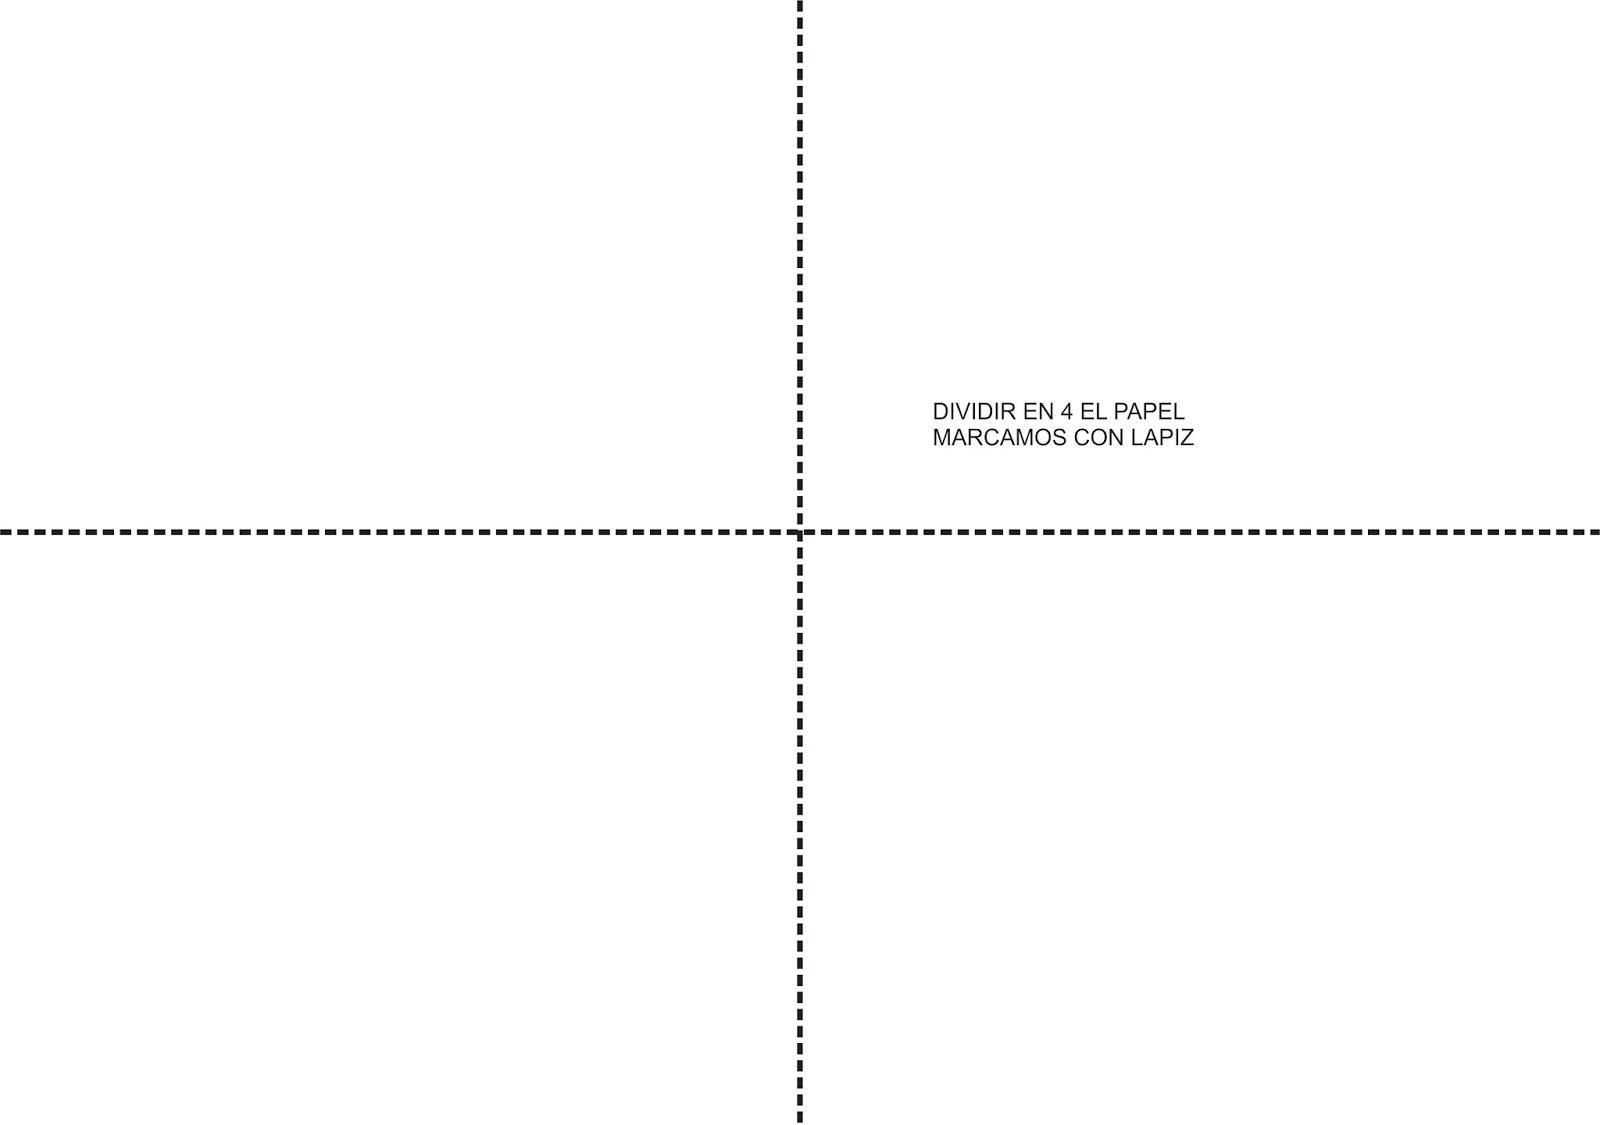 Confección de Bralette con Transparencias - NIÑA MOZZA